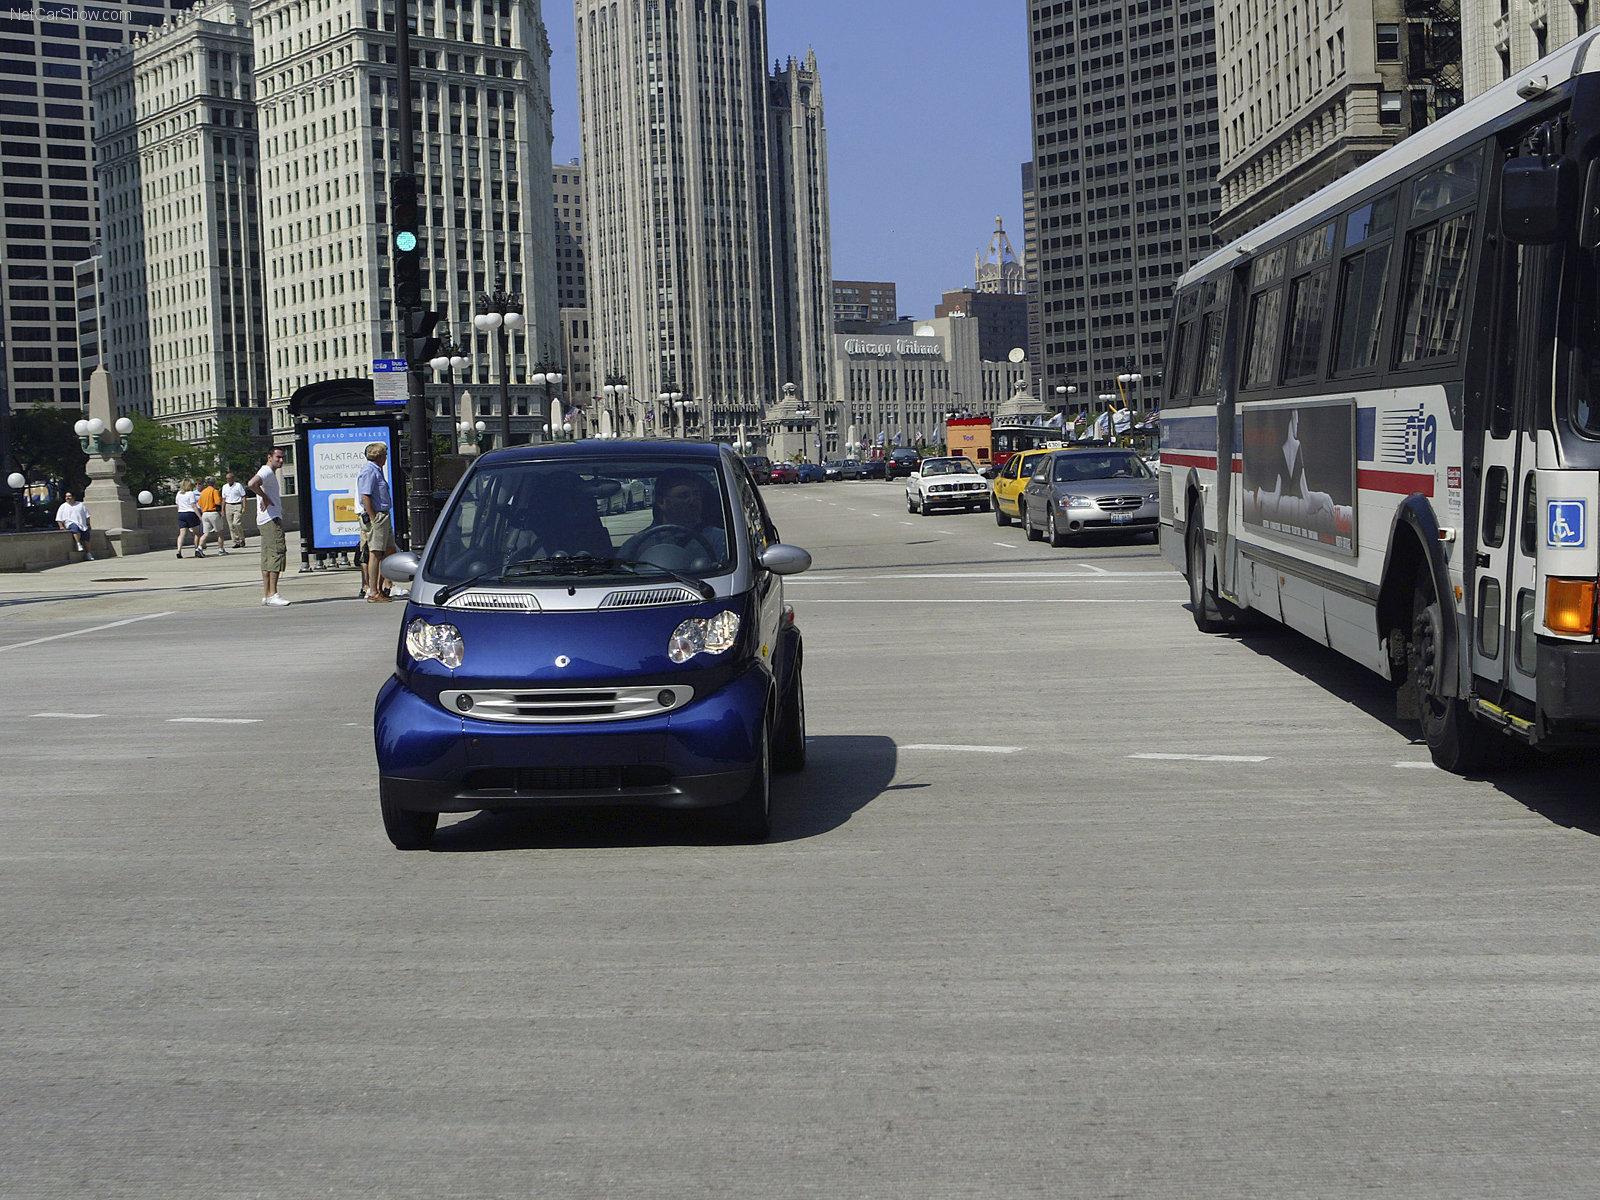 Hình ảnh xe ô tô Smart fortwo cdi 2005 & nội ngoại thất